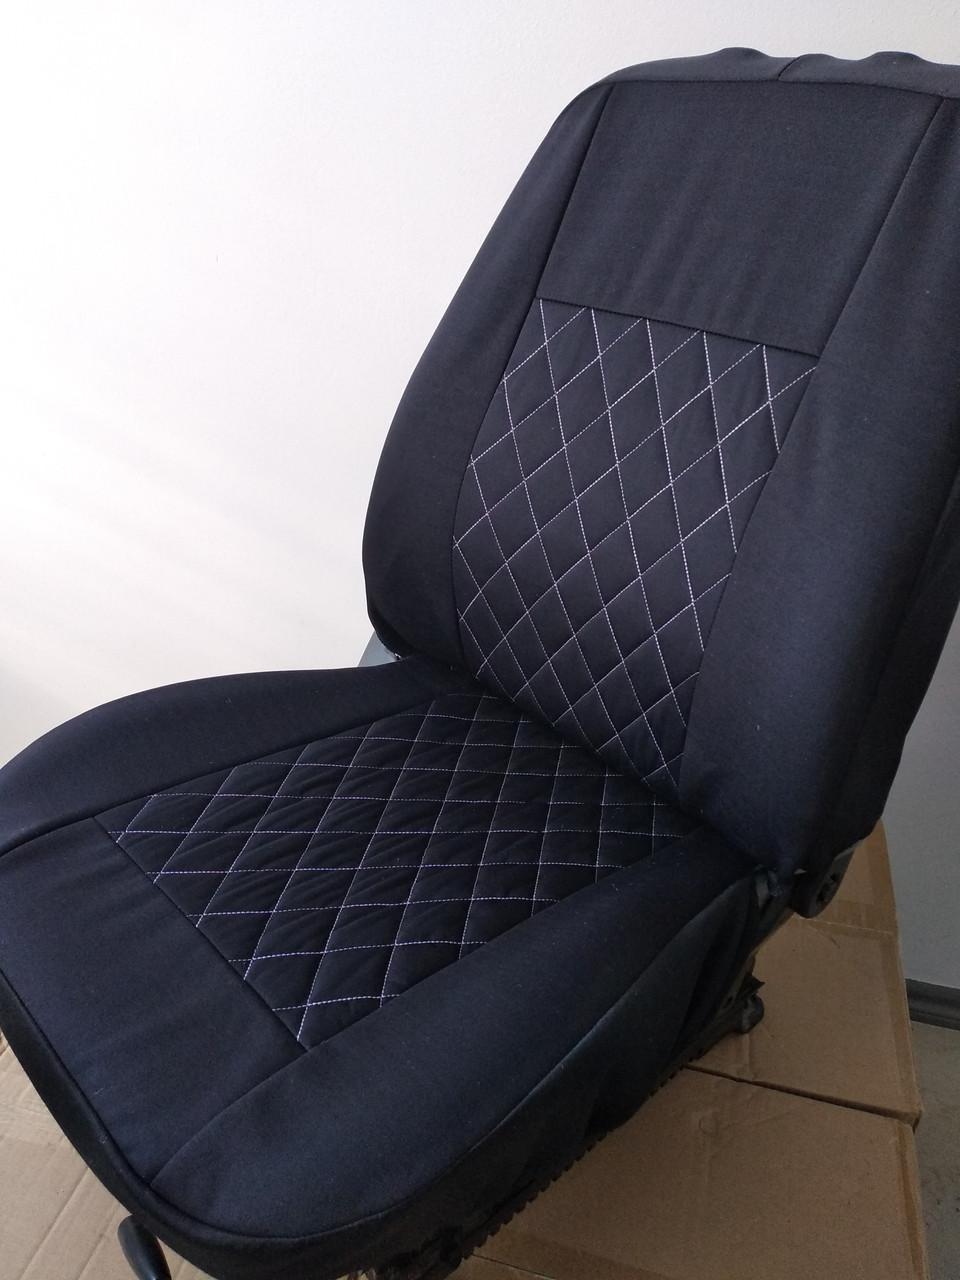 Чехлы на сиденья авто универсальные LUXE (спинка деленка) серая строчка